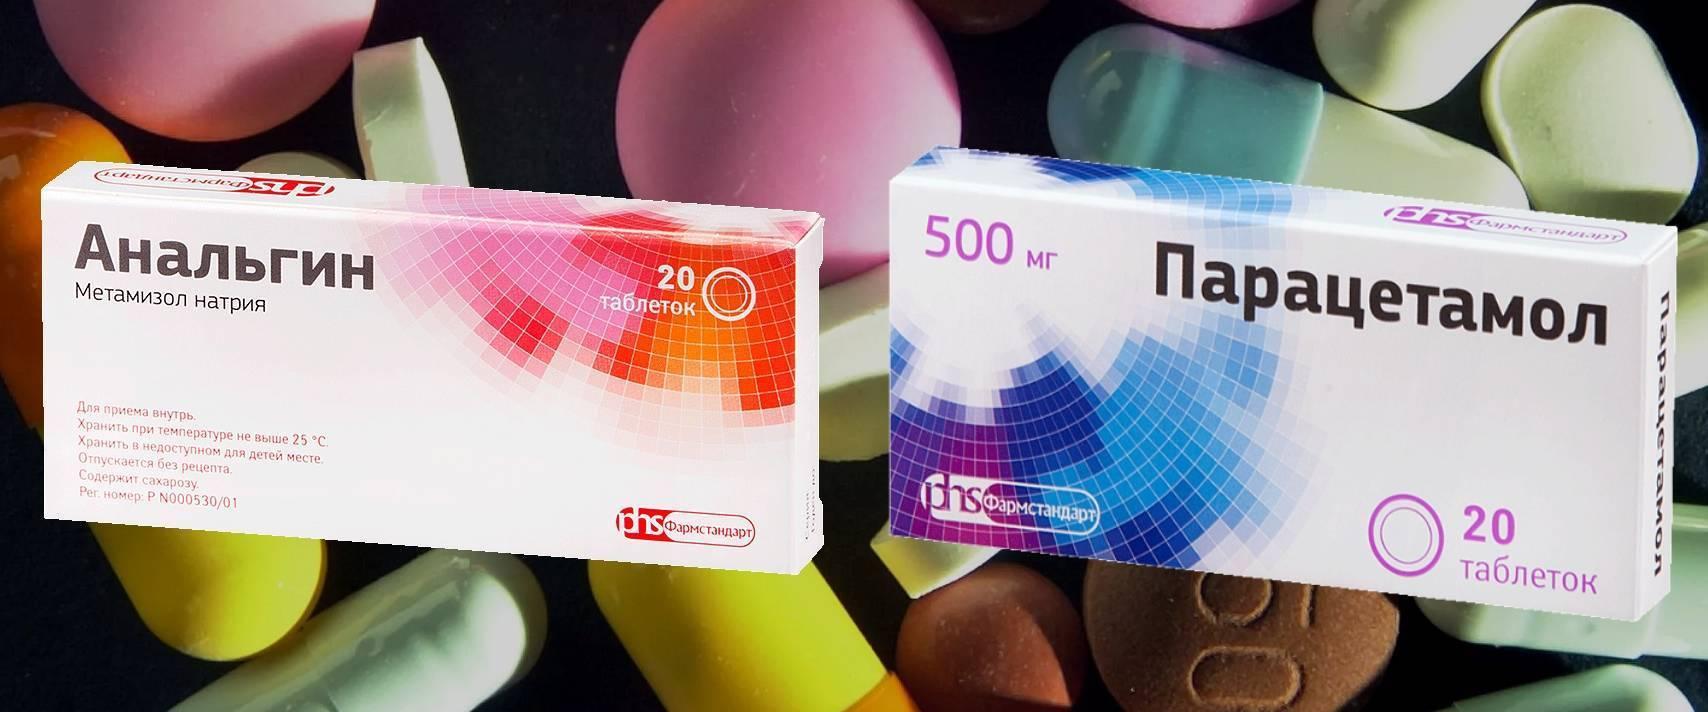 Ибупрофен и парацетамол одновременно: эффективность и результаты исследований